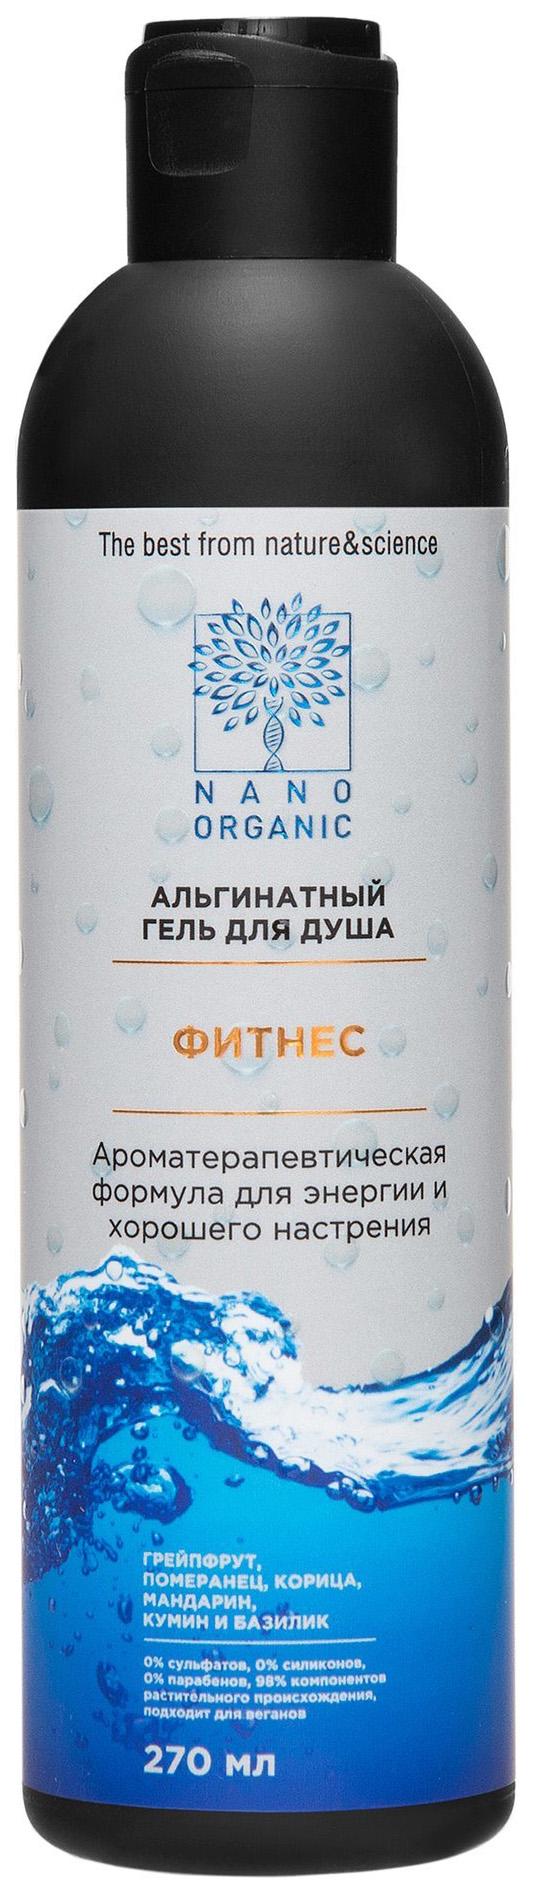 Гель для душа Nano Organic Альгинатный Фитнес 270 мл фото